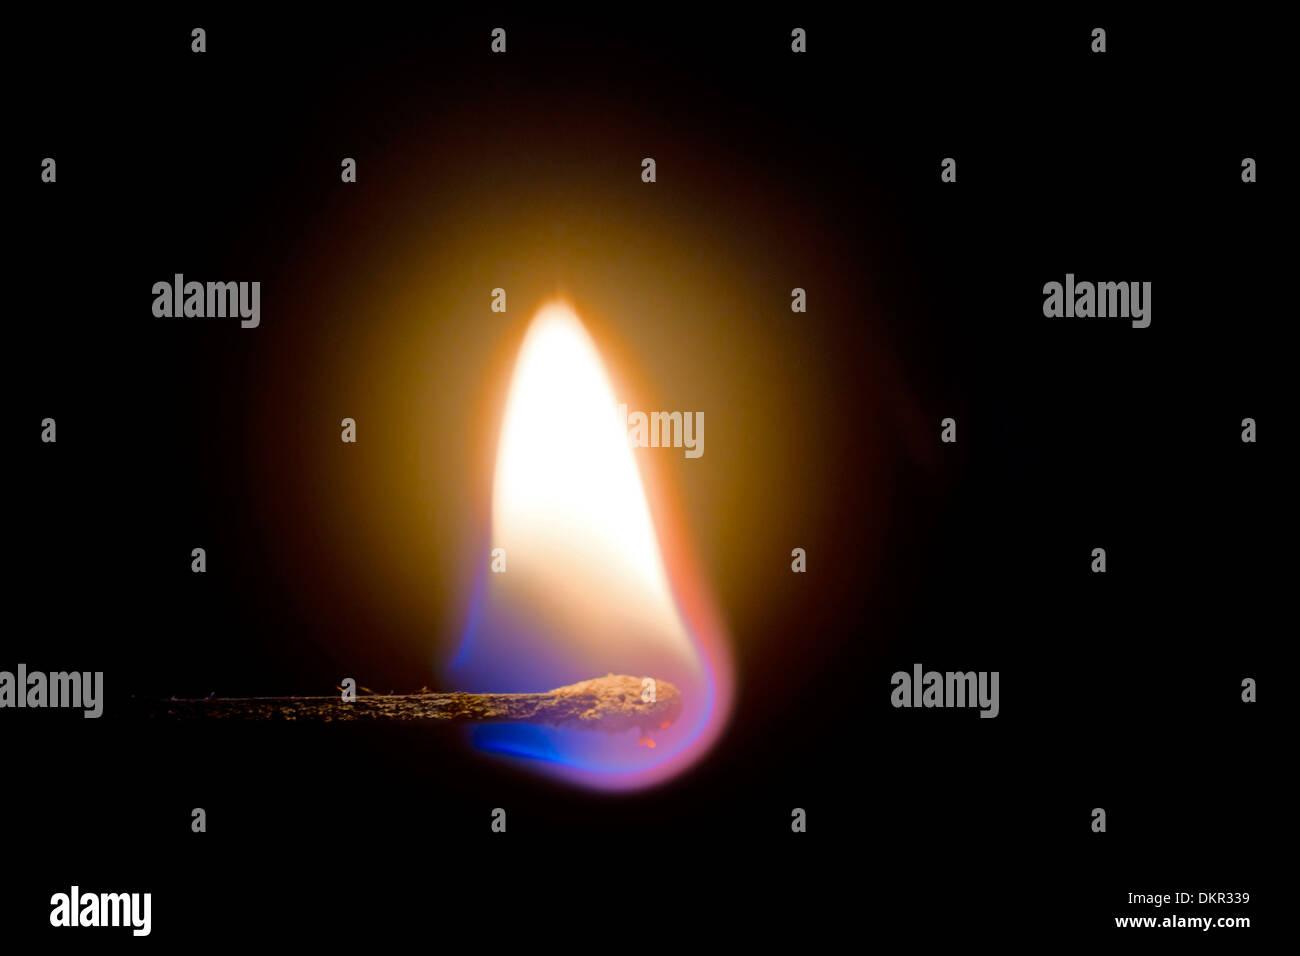 Luce, Kindle, masterizzare, dettaglio, individualmente, incendi, fiamma, candelette, calore, close-up, match, calore, caldo Immagini Stock